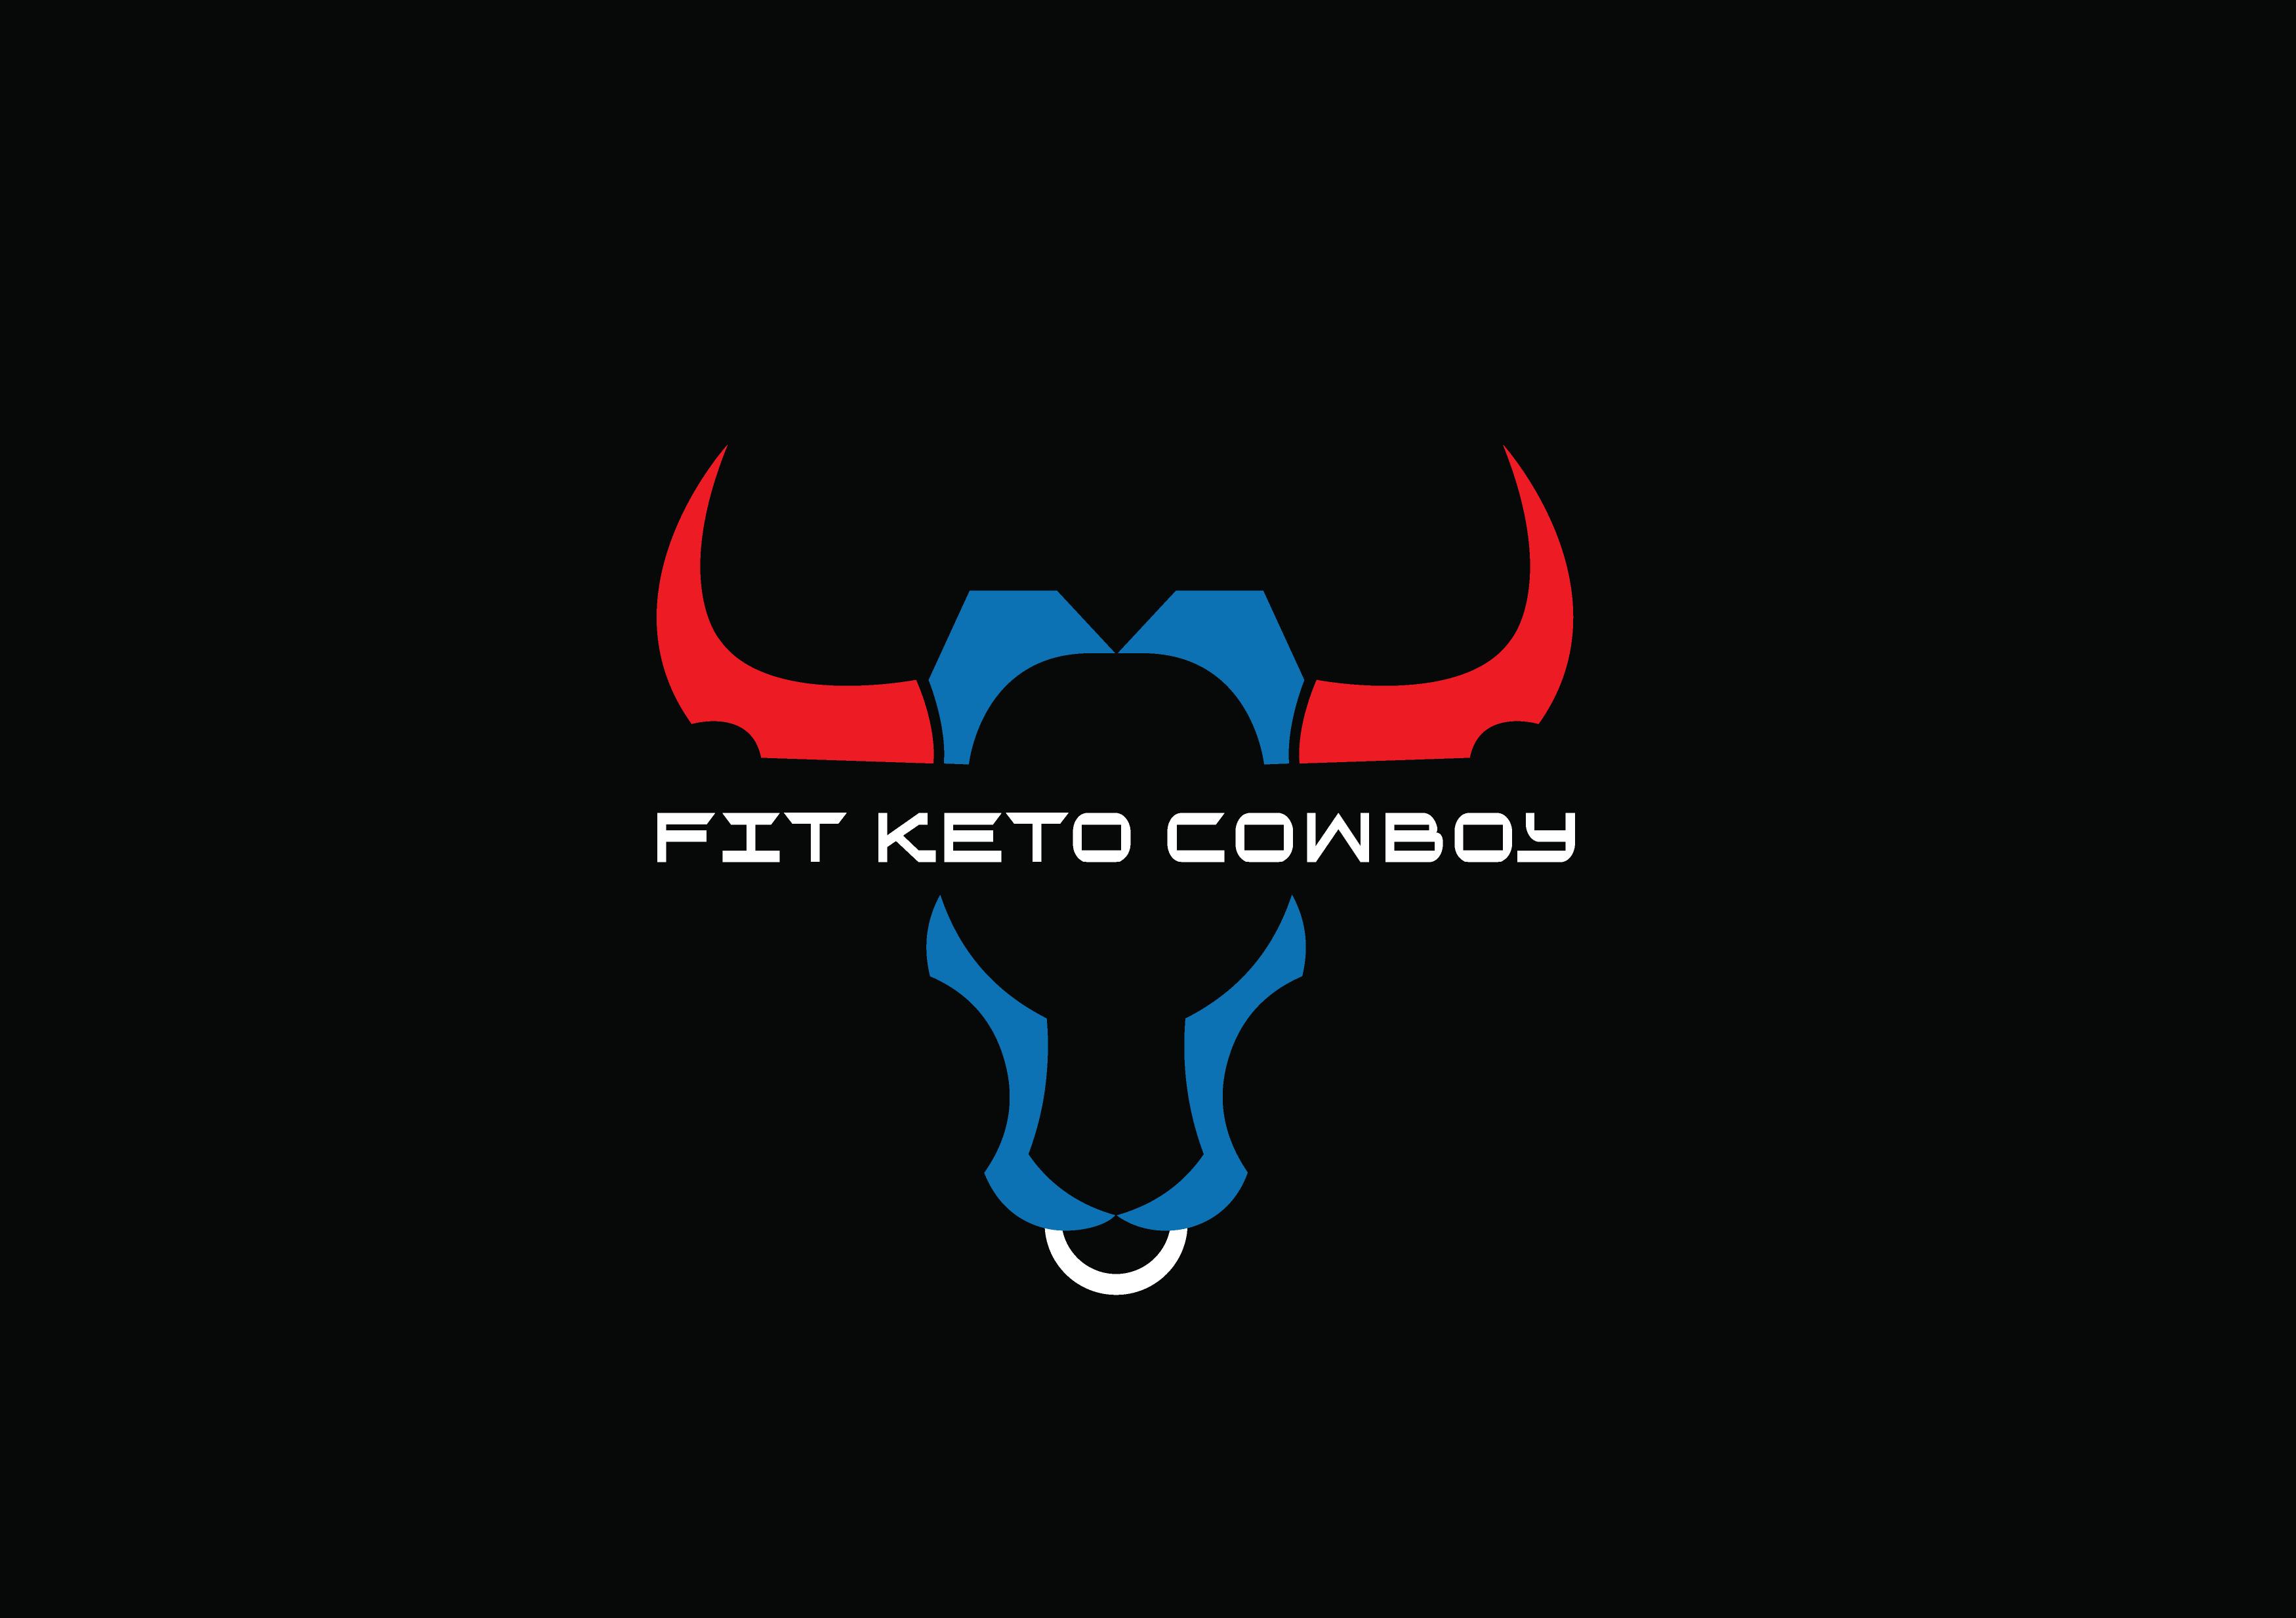 Fit Keto Cowboy